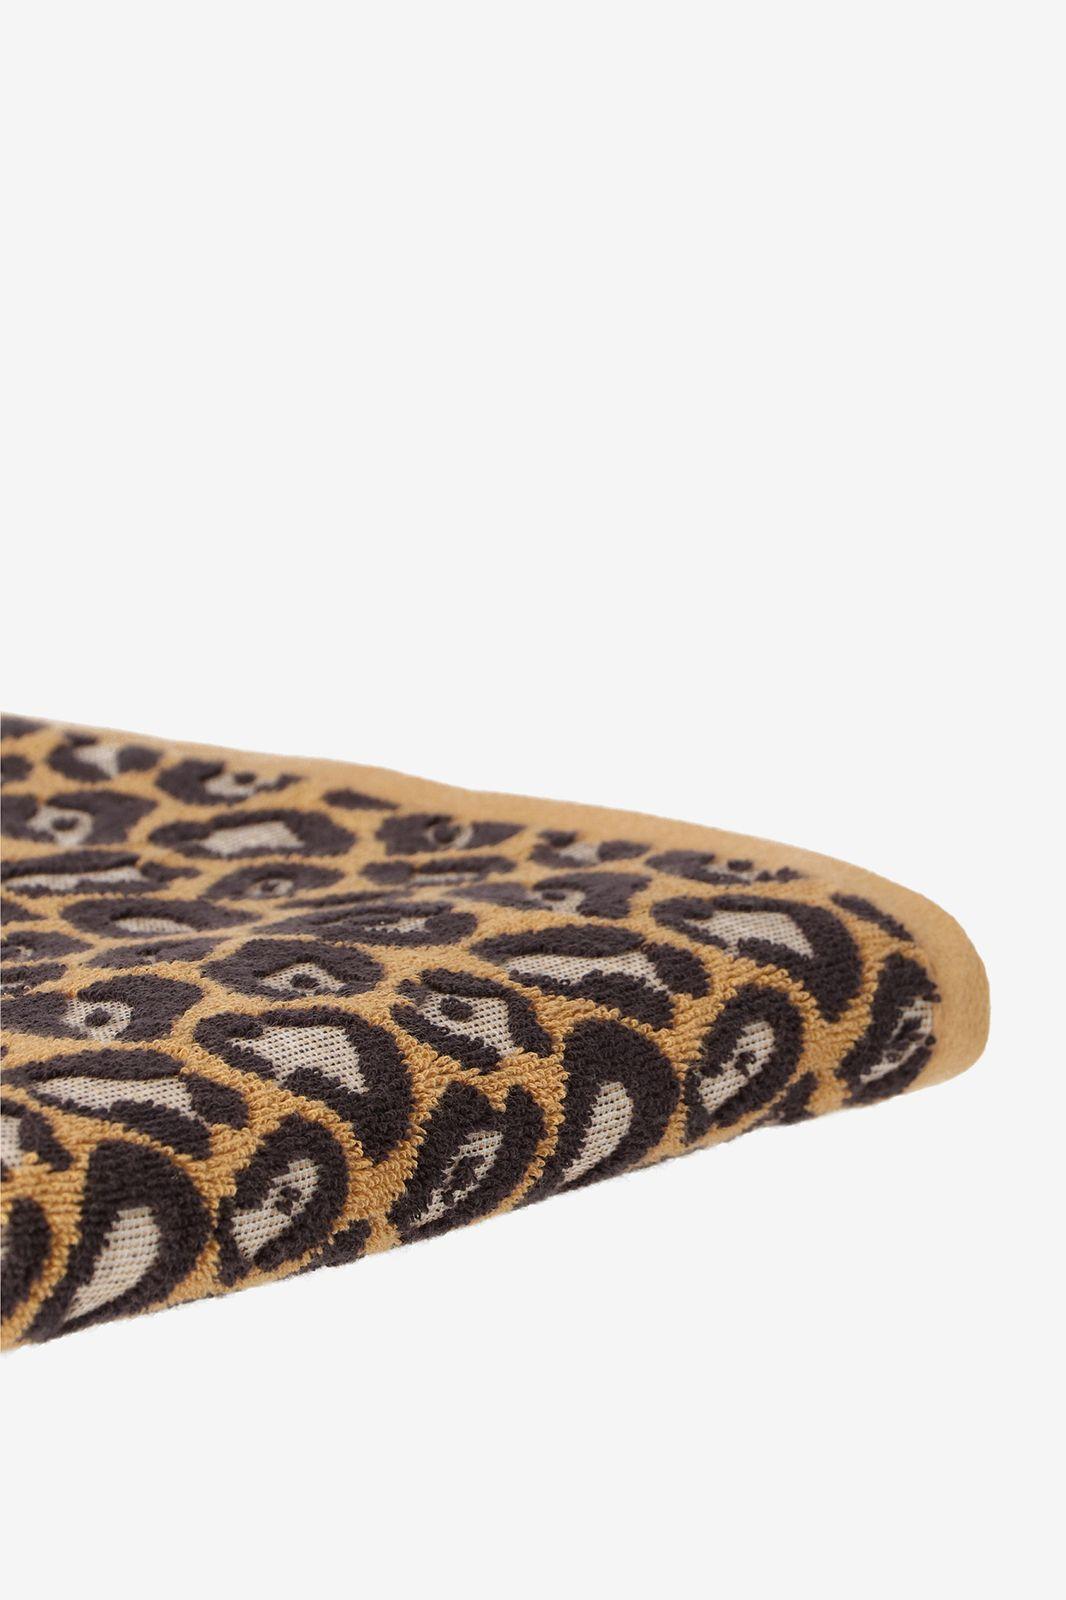 Handdoek bruin met panterprint